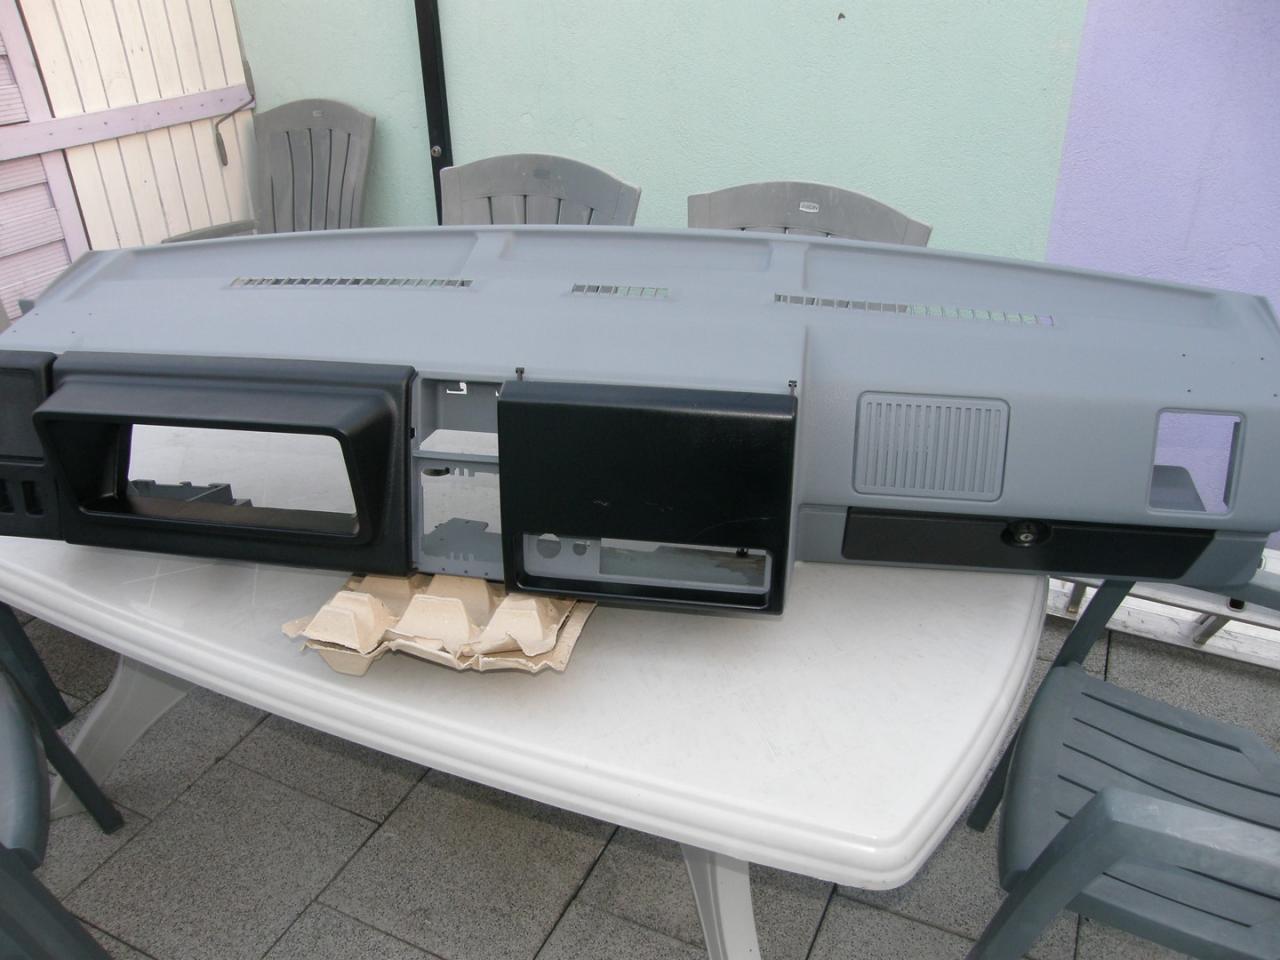 PB190552 (Copier)